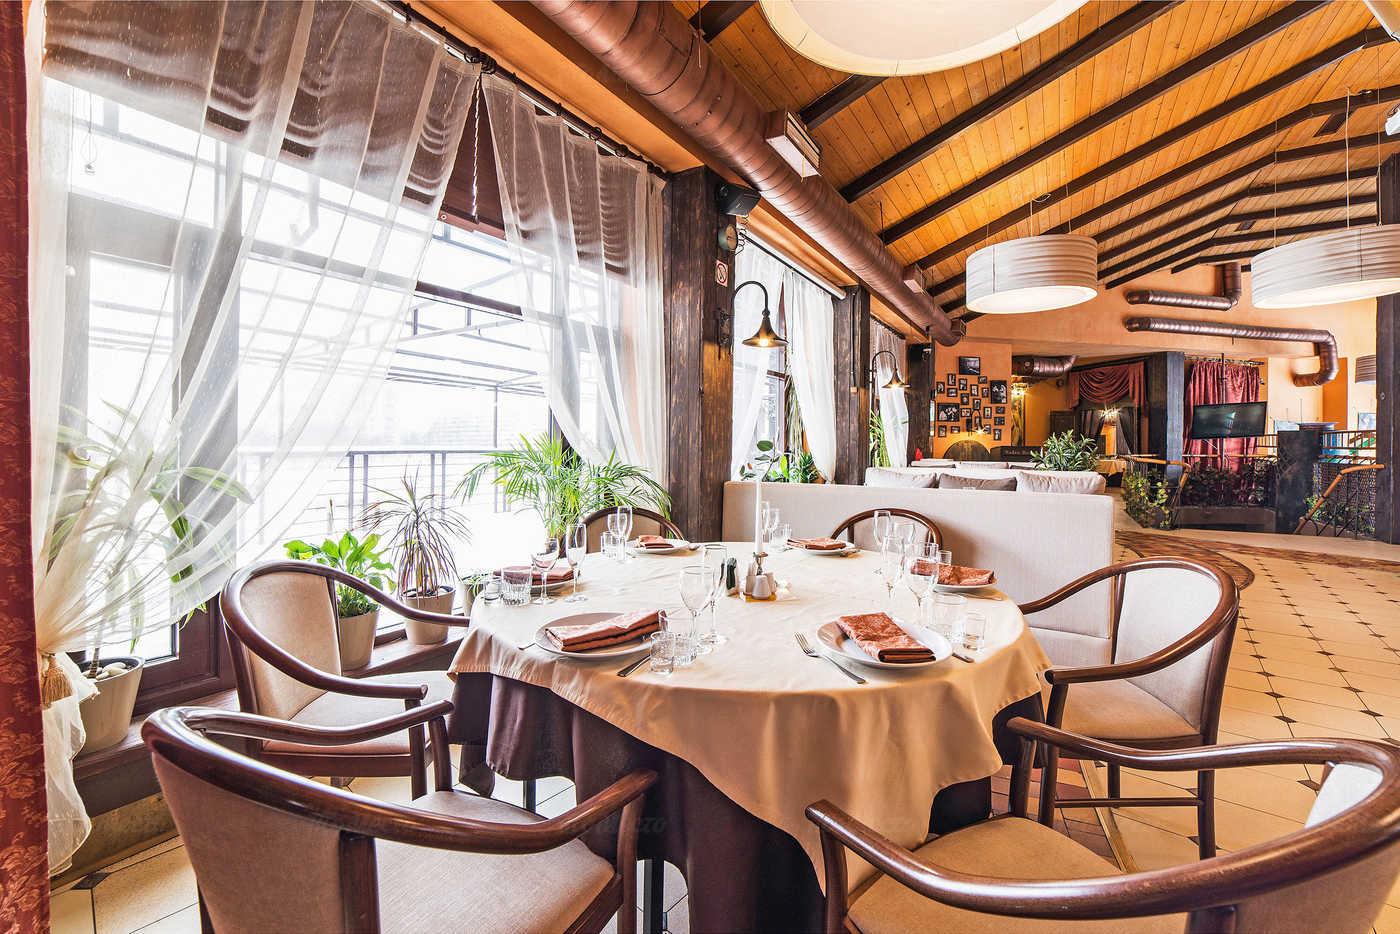 Ресторан Баден-Баден (Baden Baden) на проспекте Просвещения фото 13